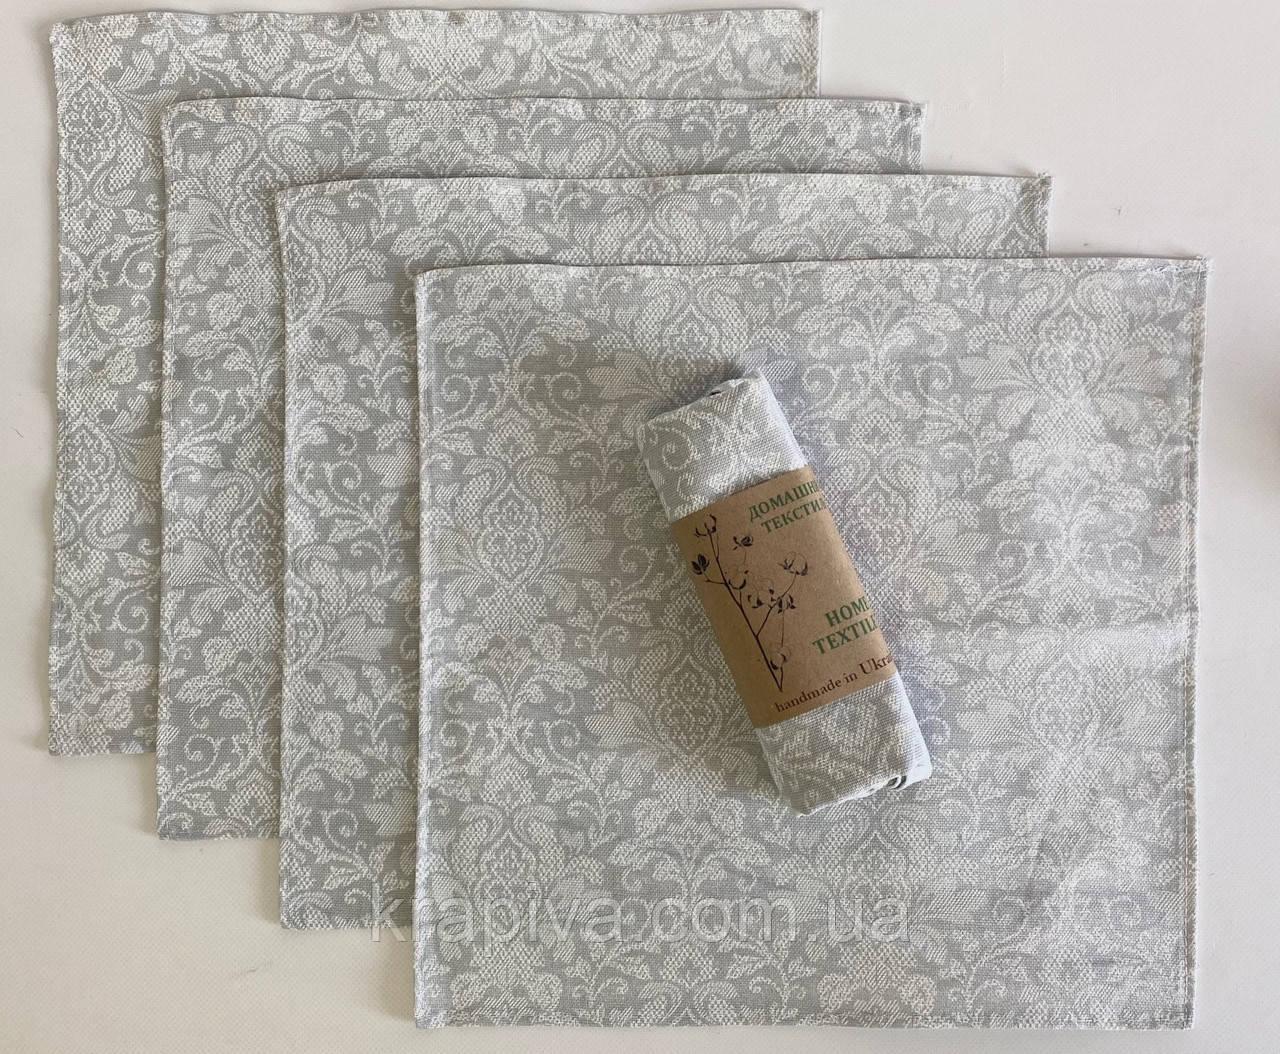 Набор 4 шт Салфетки сервировочные льняные хлопок 35*35 см, серветка для сервірування натуральна льняна бавовна